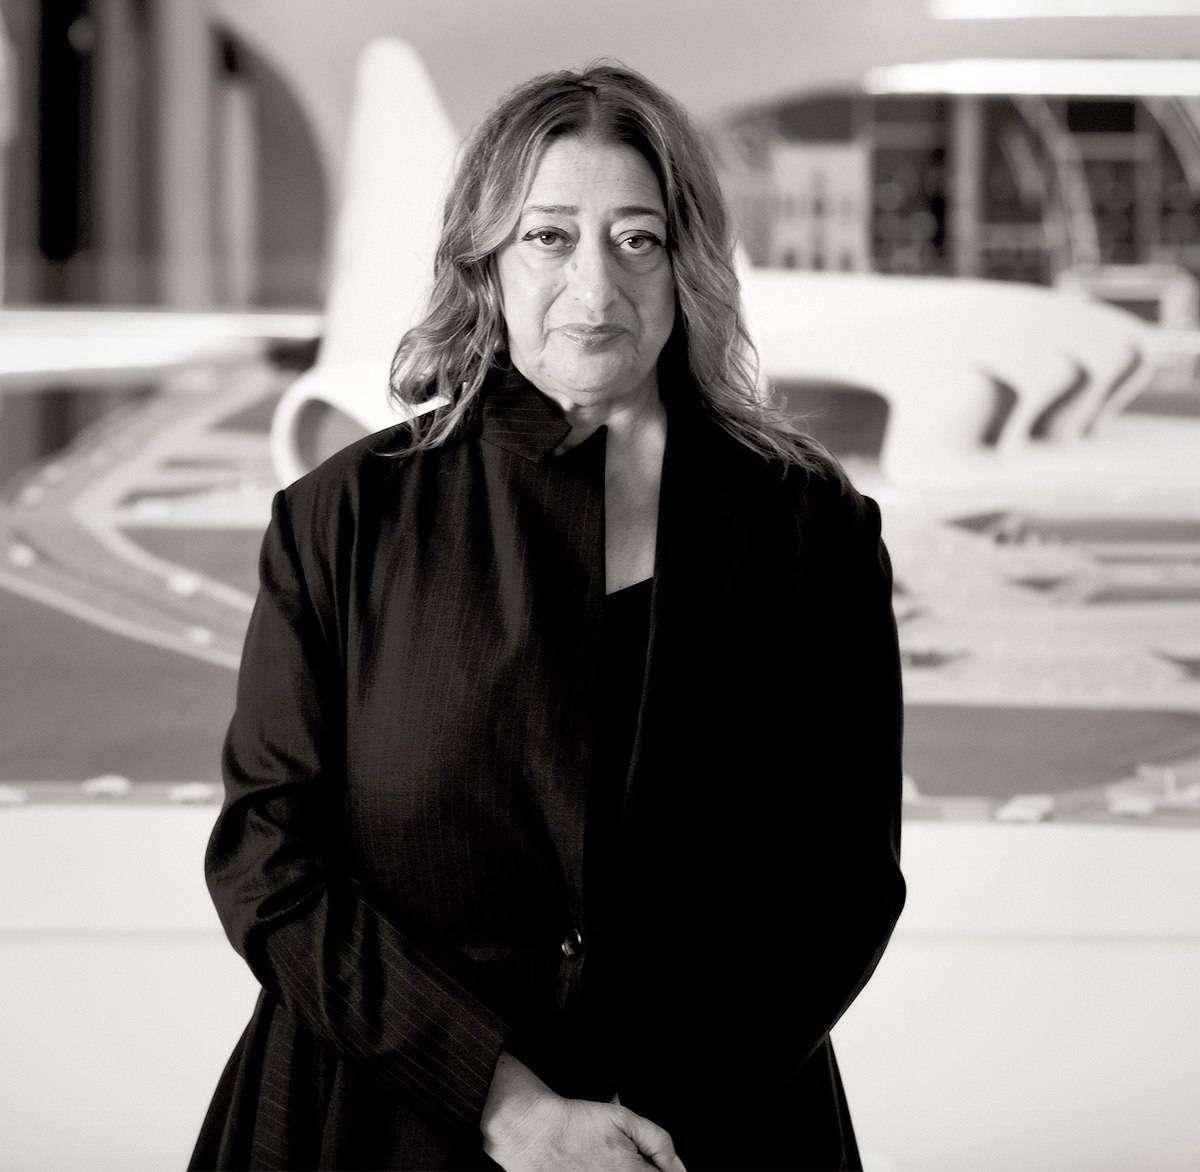 Заха Хадид — самая известная женщина-архитектор мира